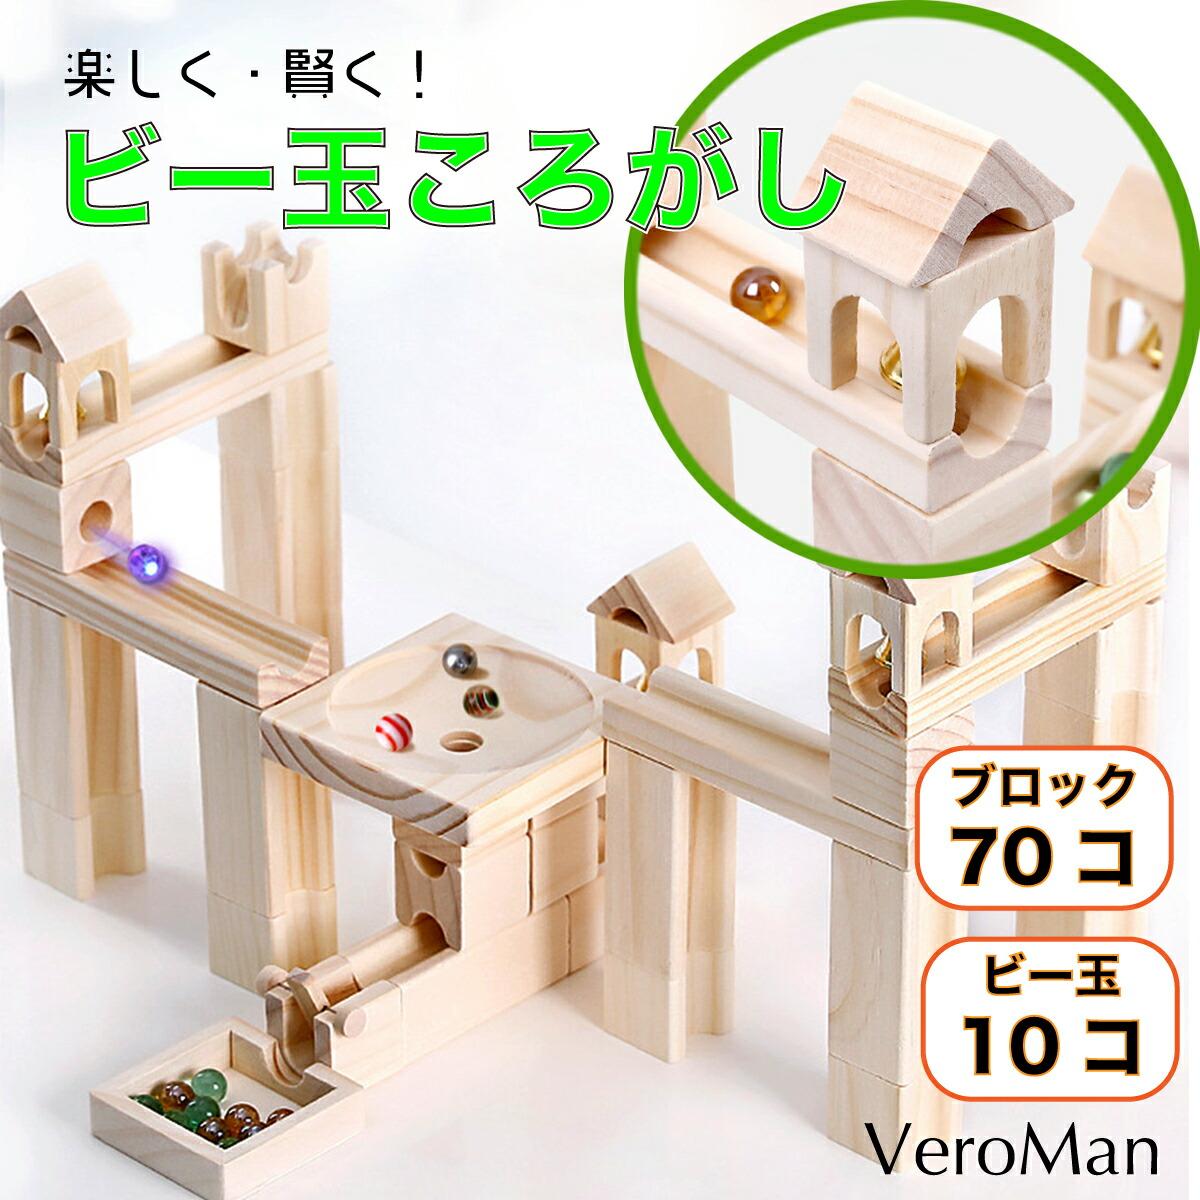 楽しい知育玩具!70ピース積み木のビー玉転がし♪ ビー玉転がし おもちゃ 積み木 木製 ブロック 知育玩具 パズル 室内遊具 VeroMan